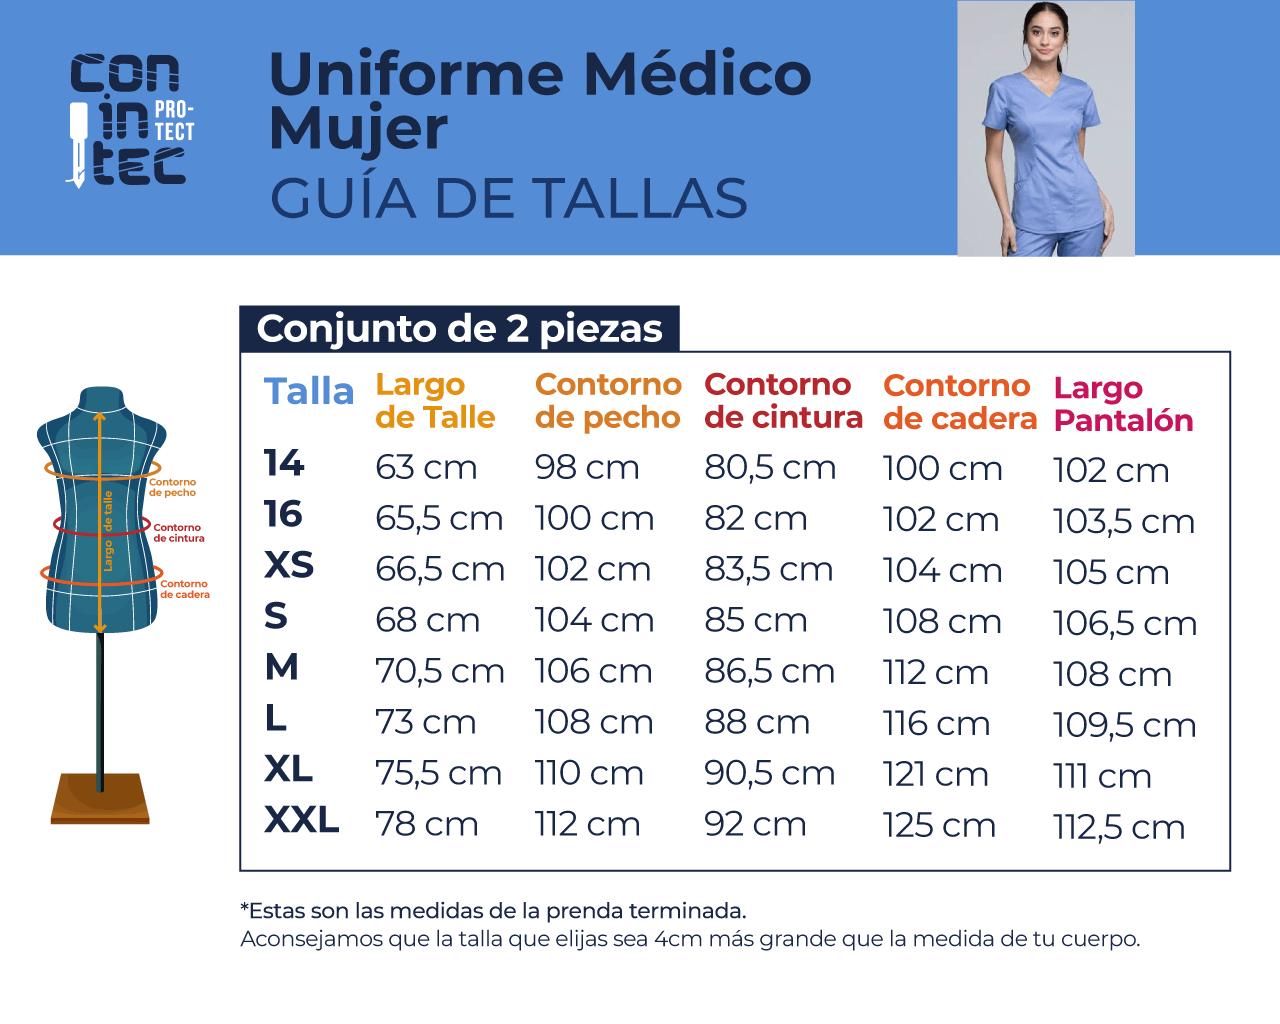 Guía de Tallas – Medico Mujer